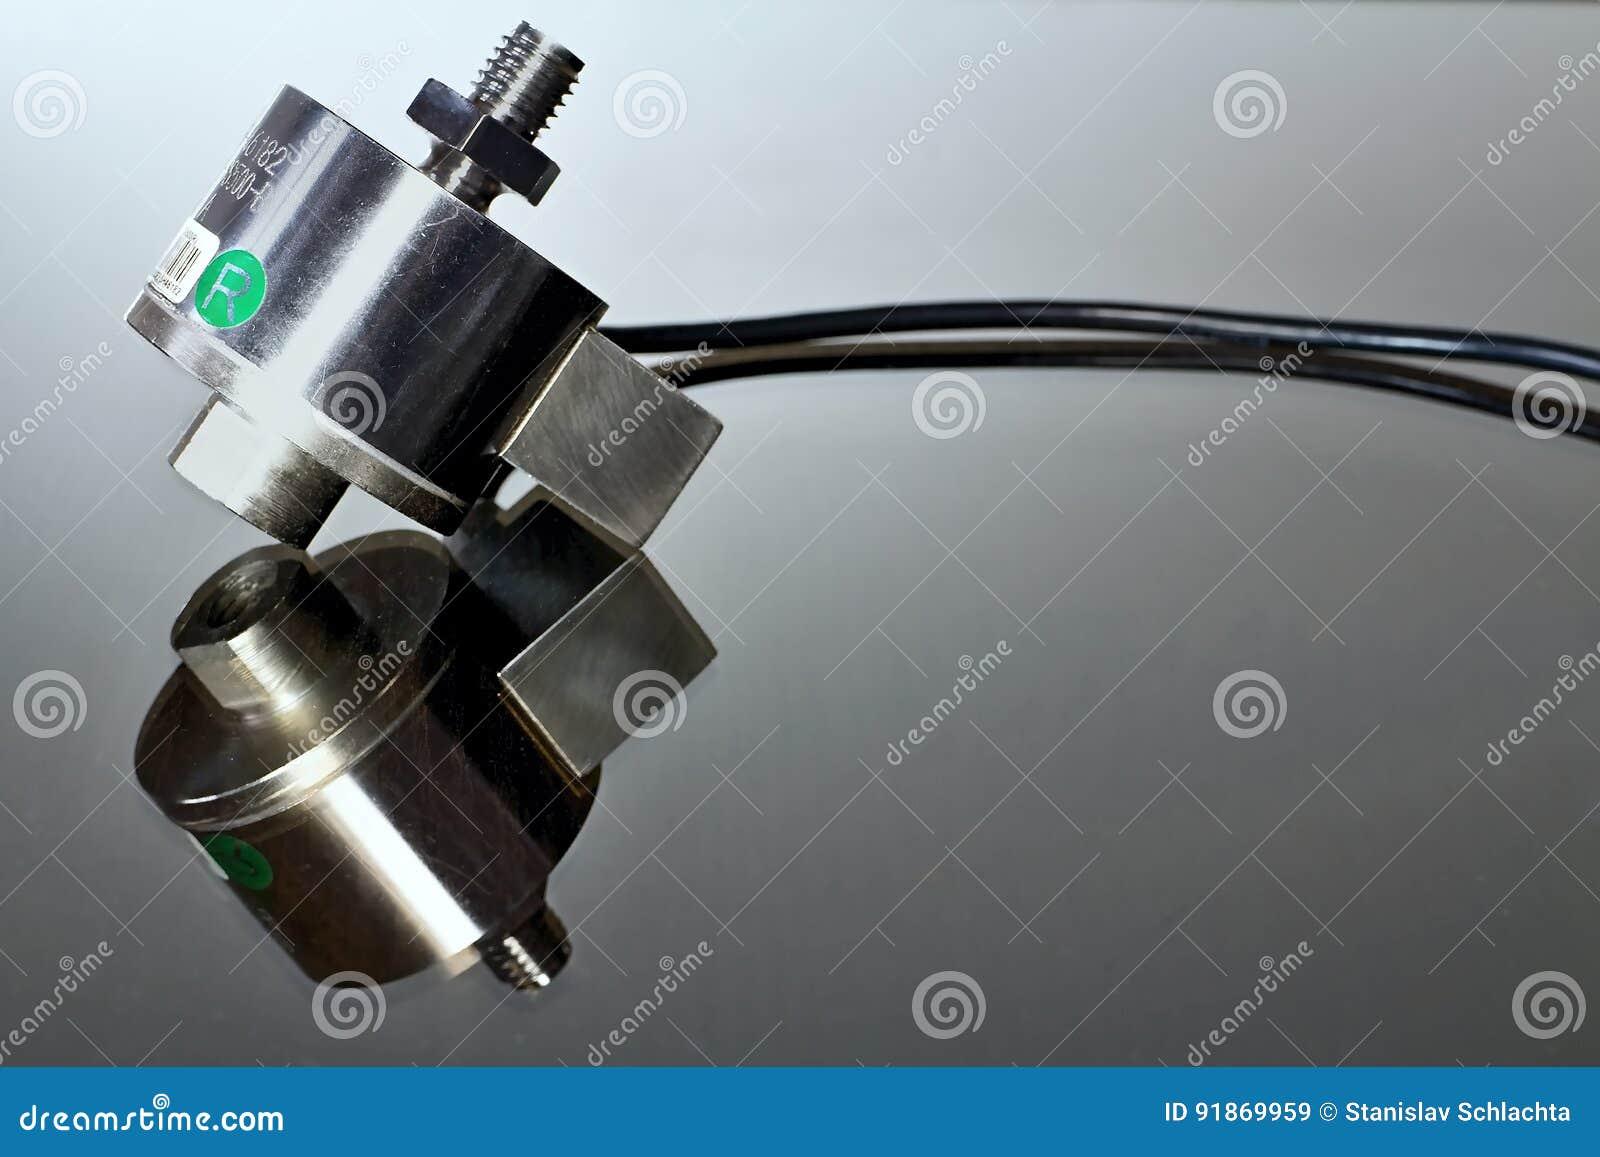 Αισθητήρας Tensometric που χρησιμοποιείται στην κουζίνα και τις προσωπικές κλίμακες